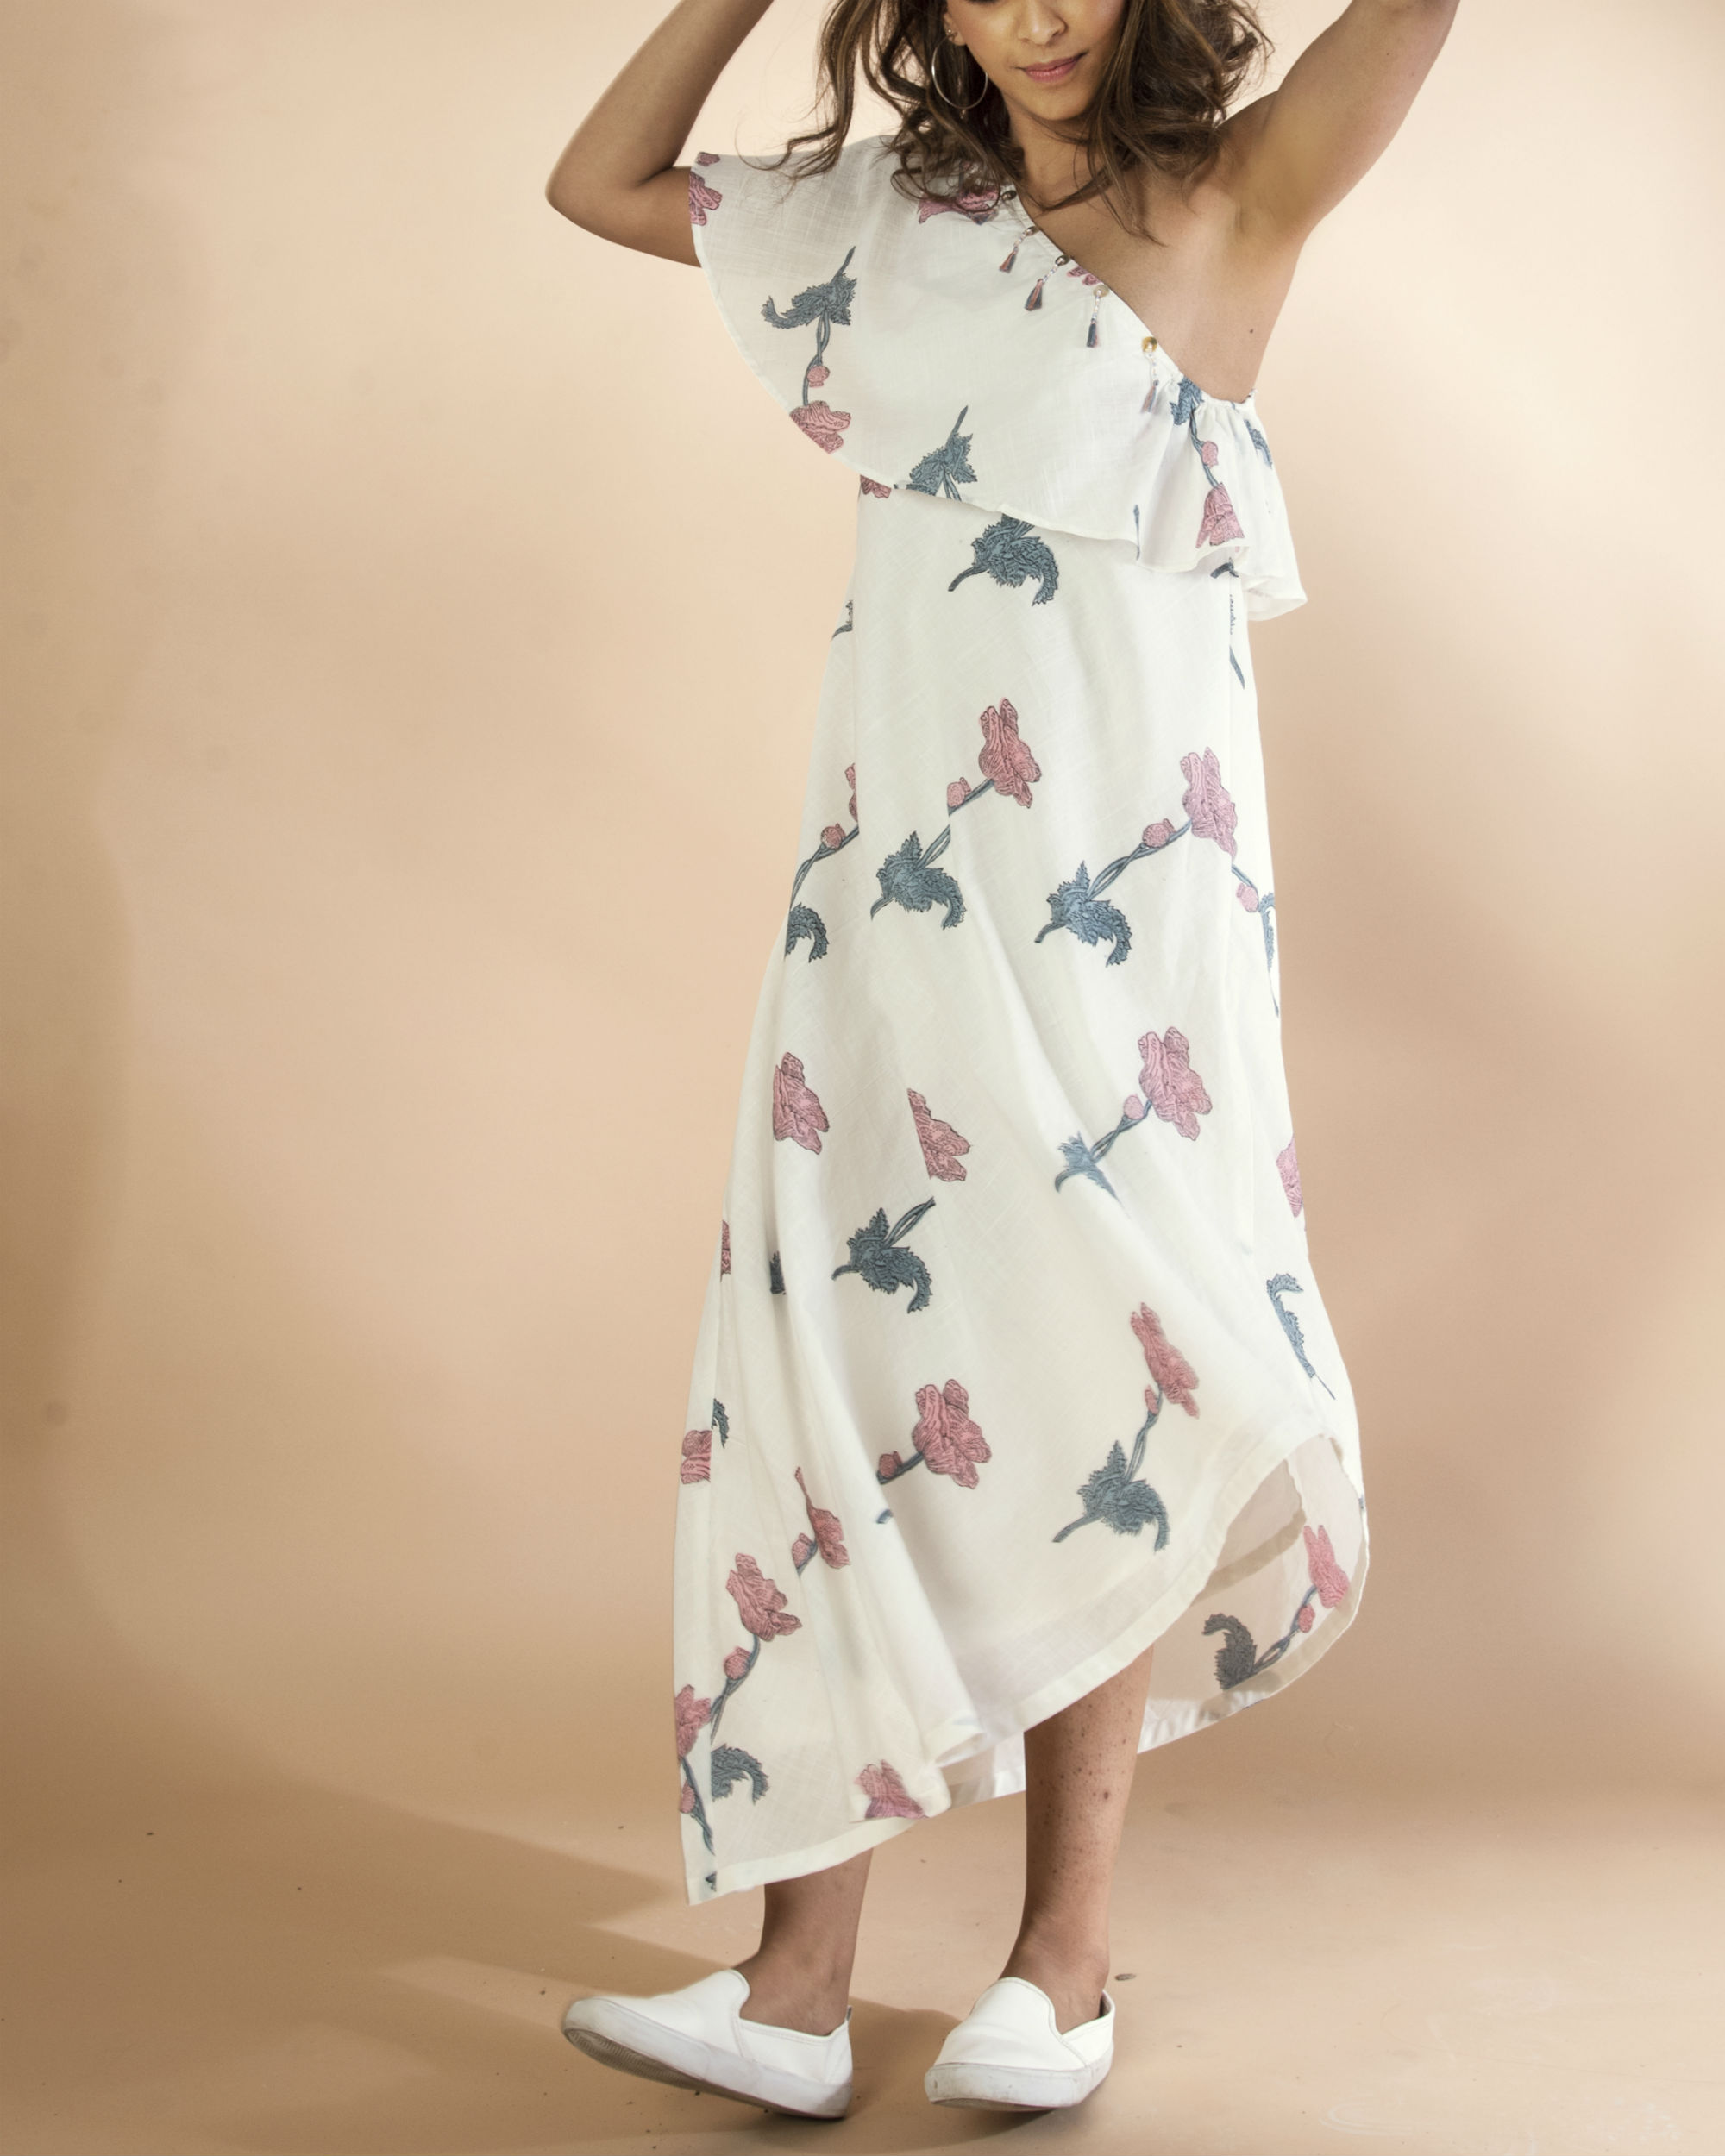 White slip and slide dress